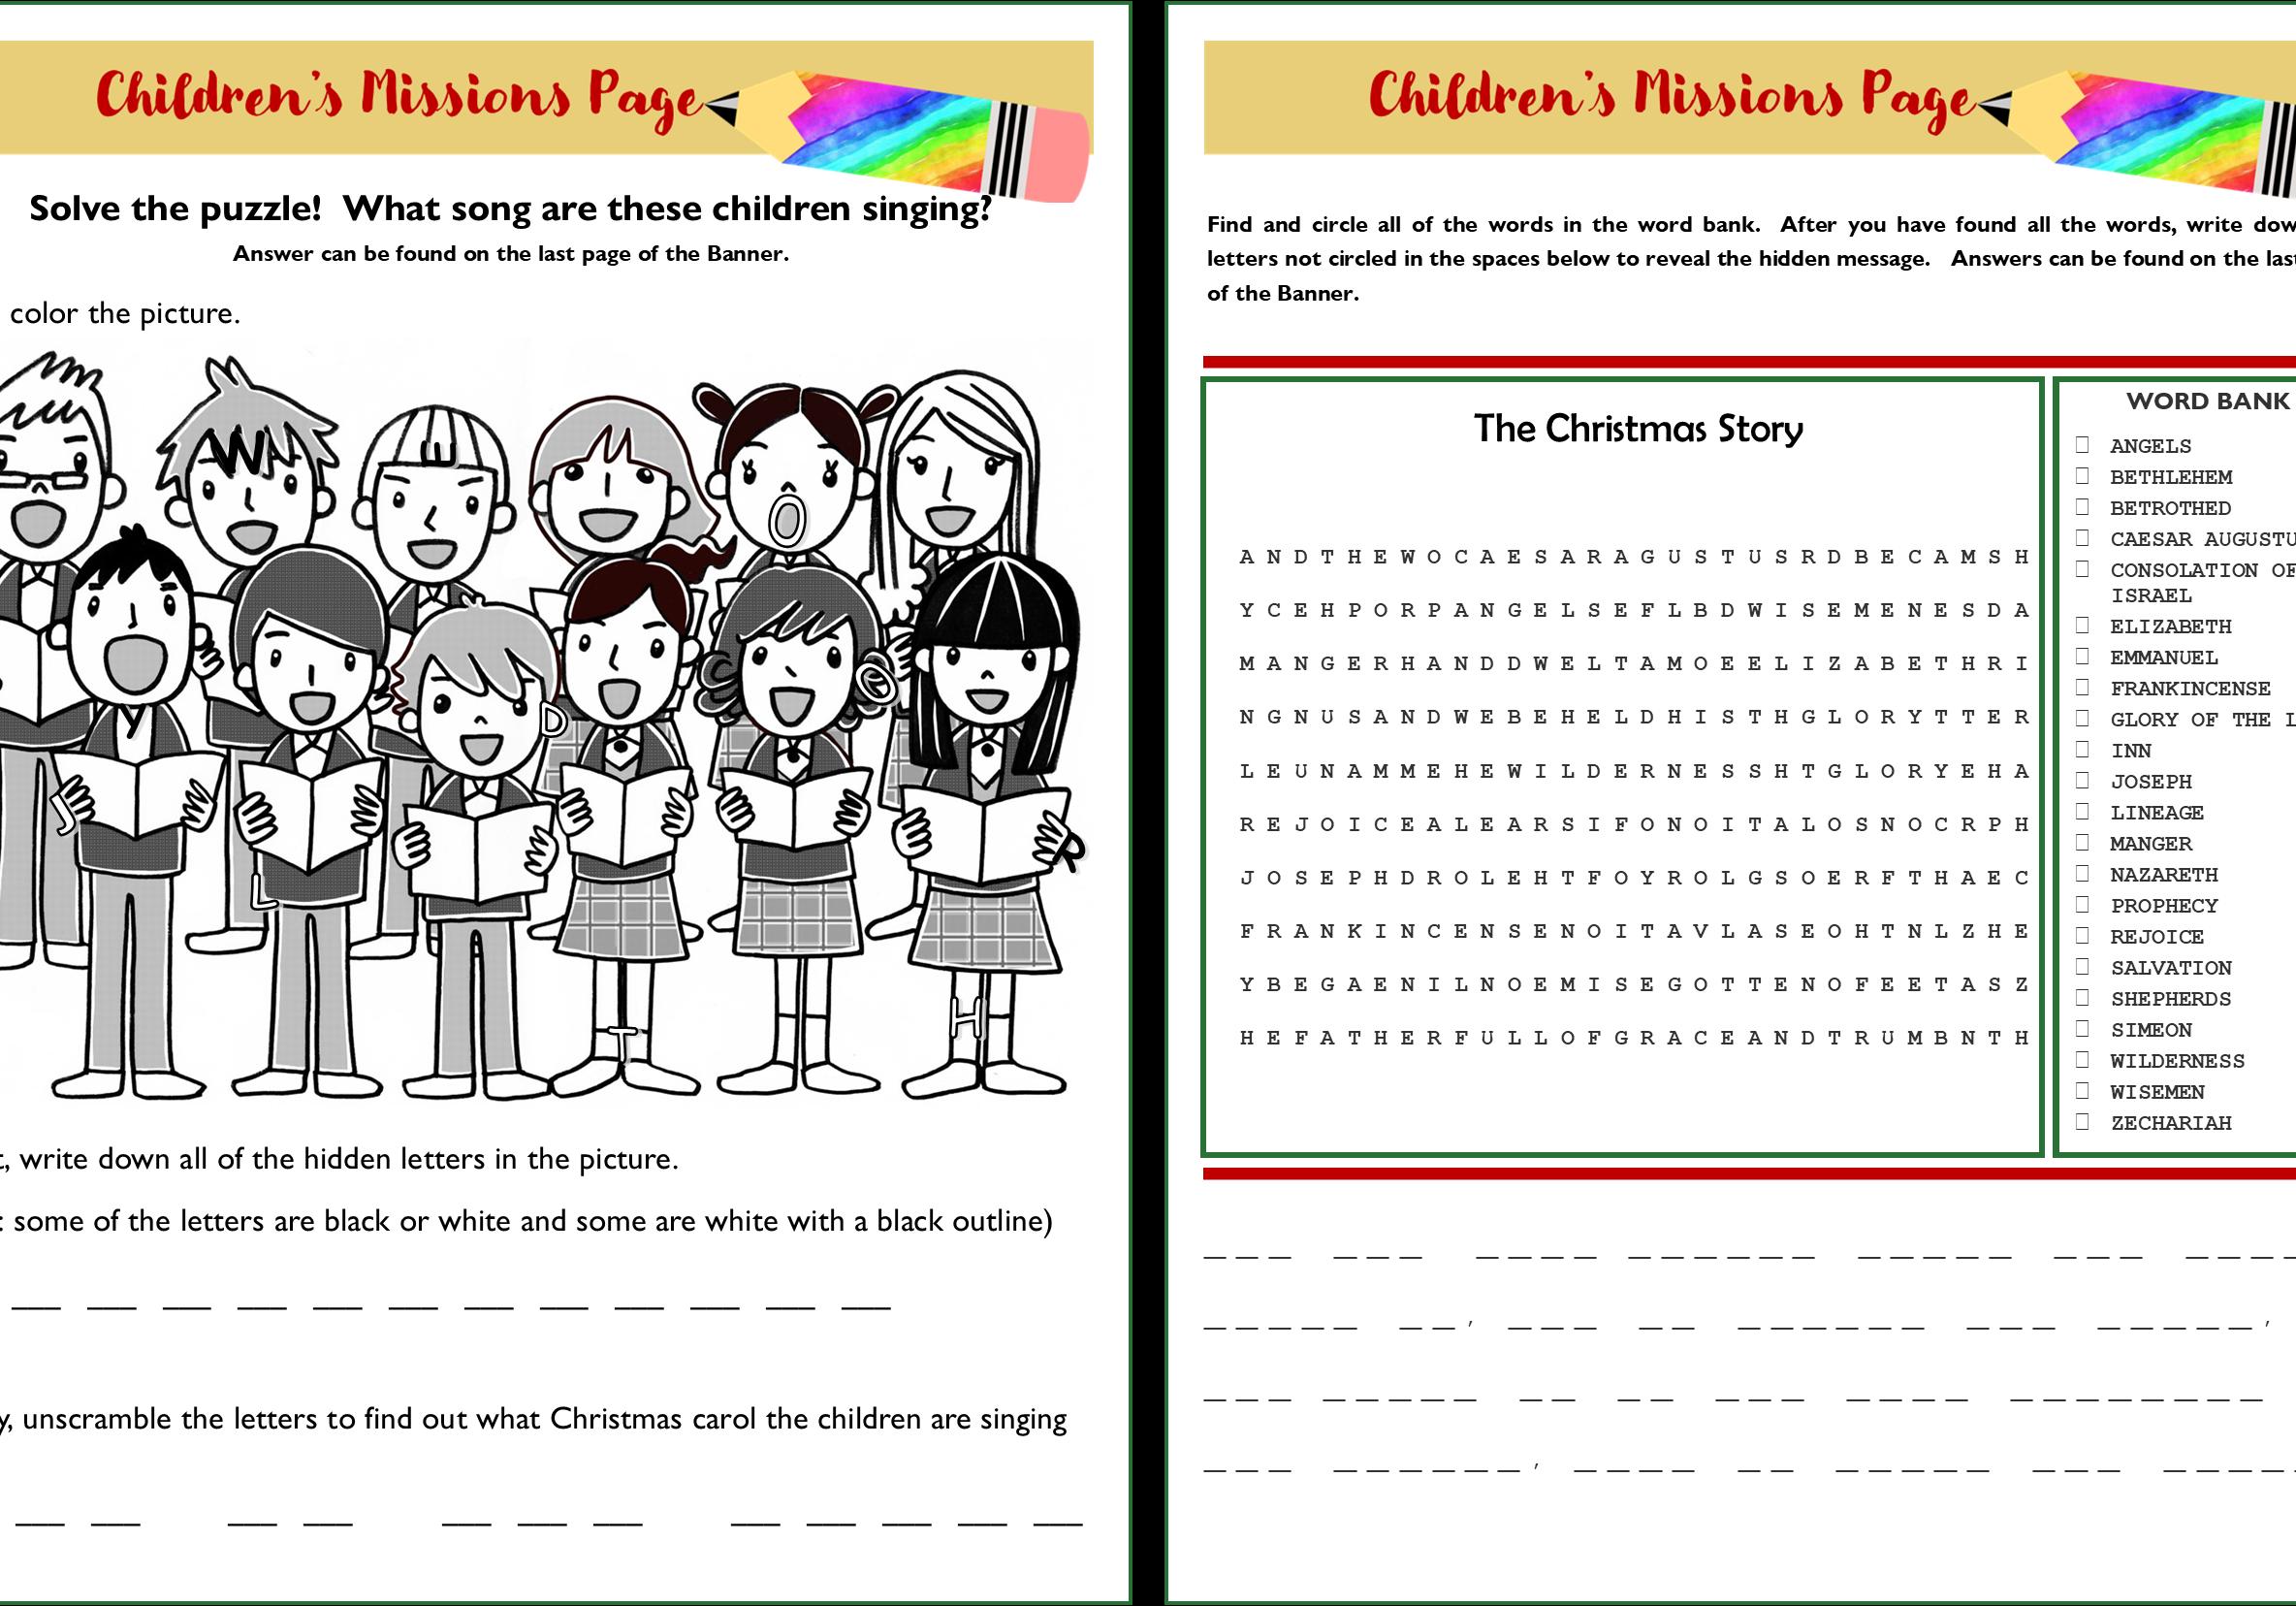 Children's missions page (nov-dec) pages 1-2